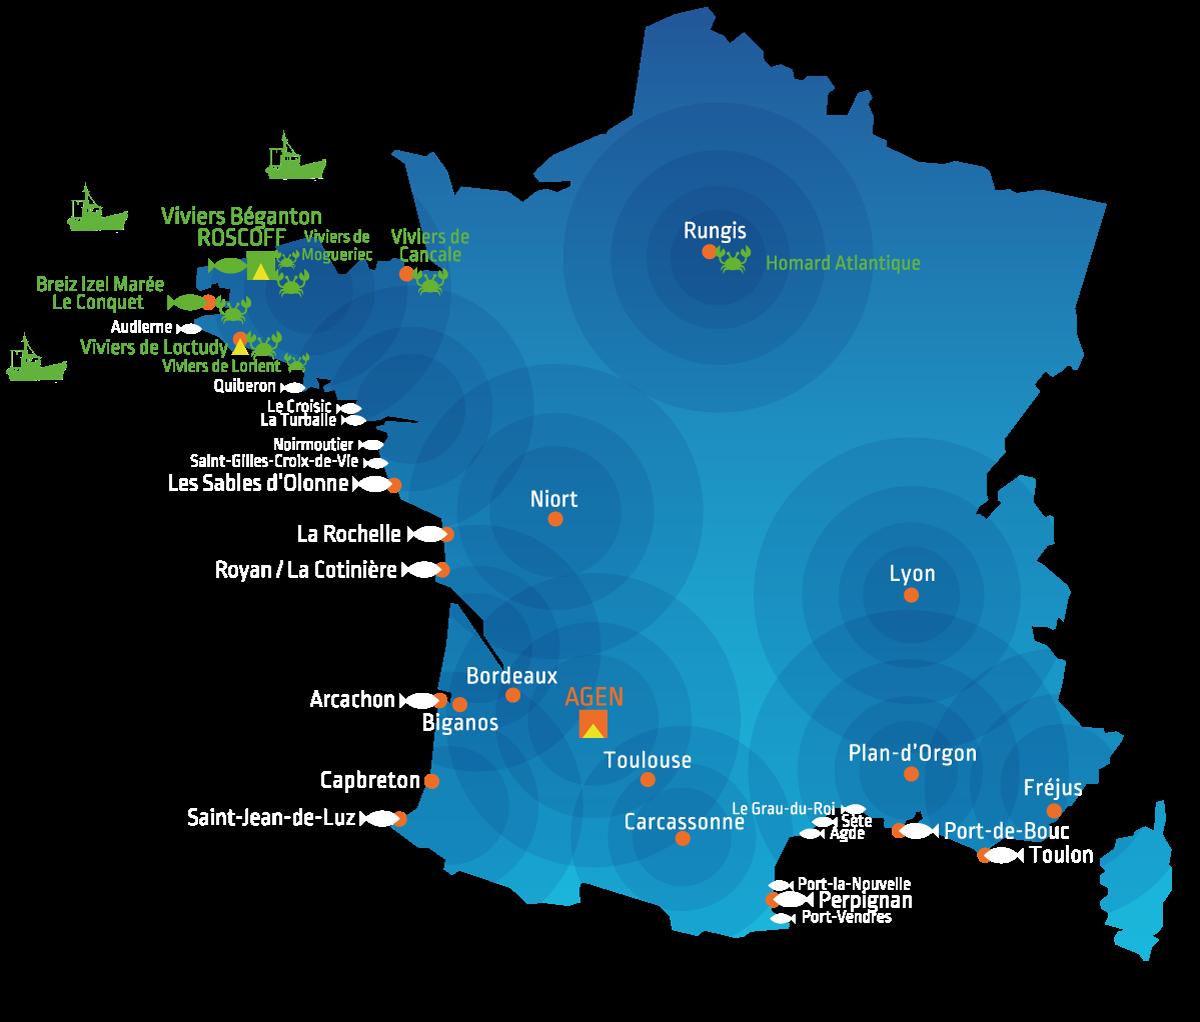 Présence du Groupe Mericq en France